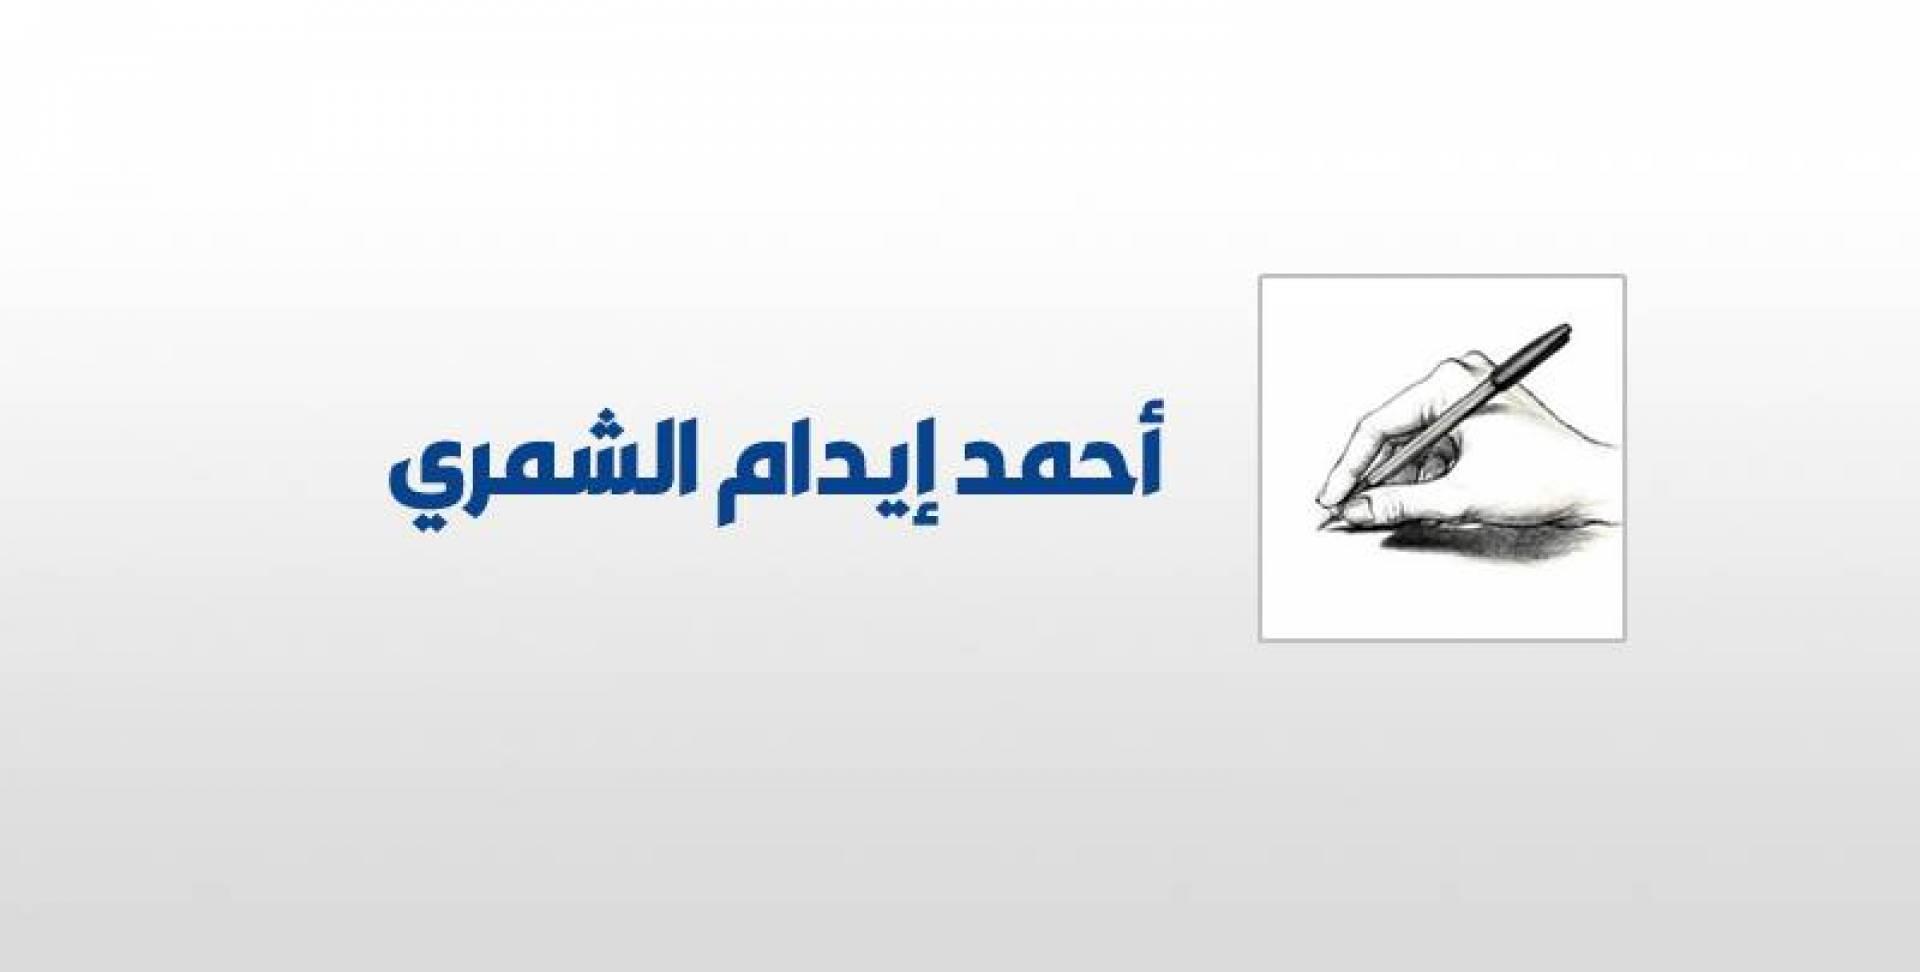 أحمد إيدام الشمري